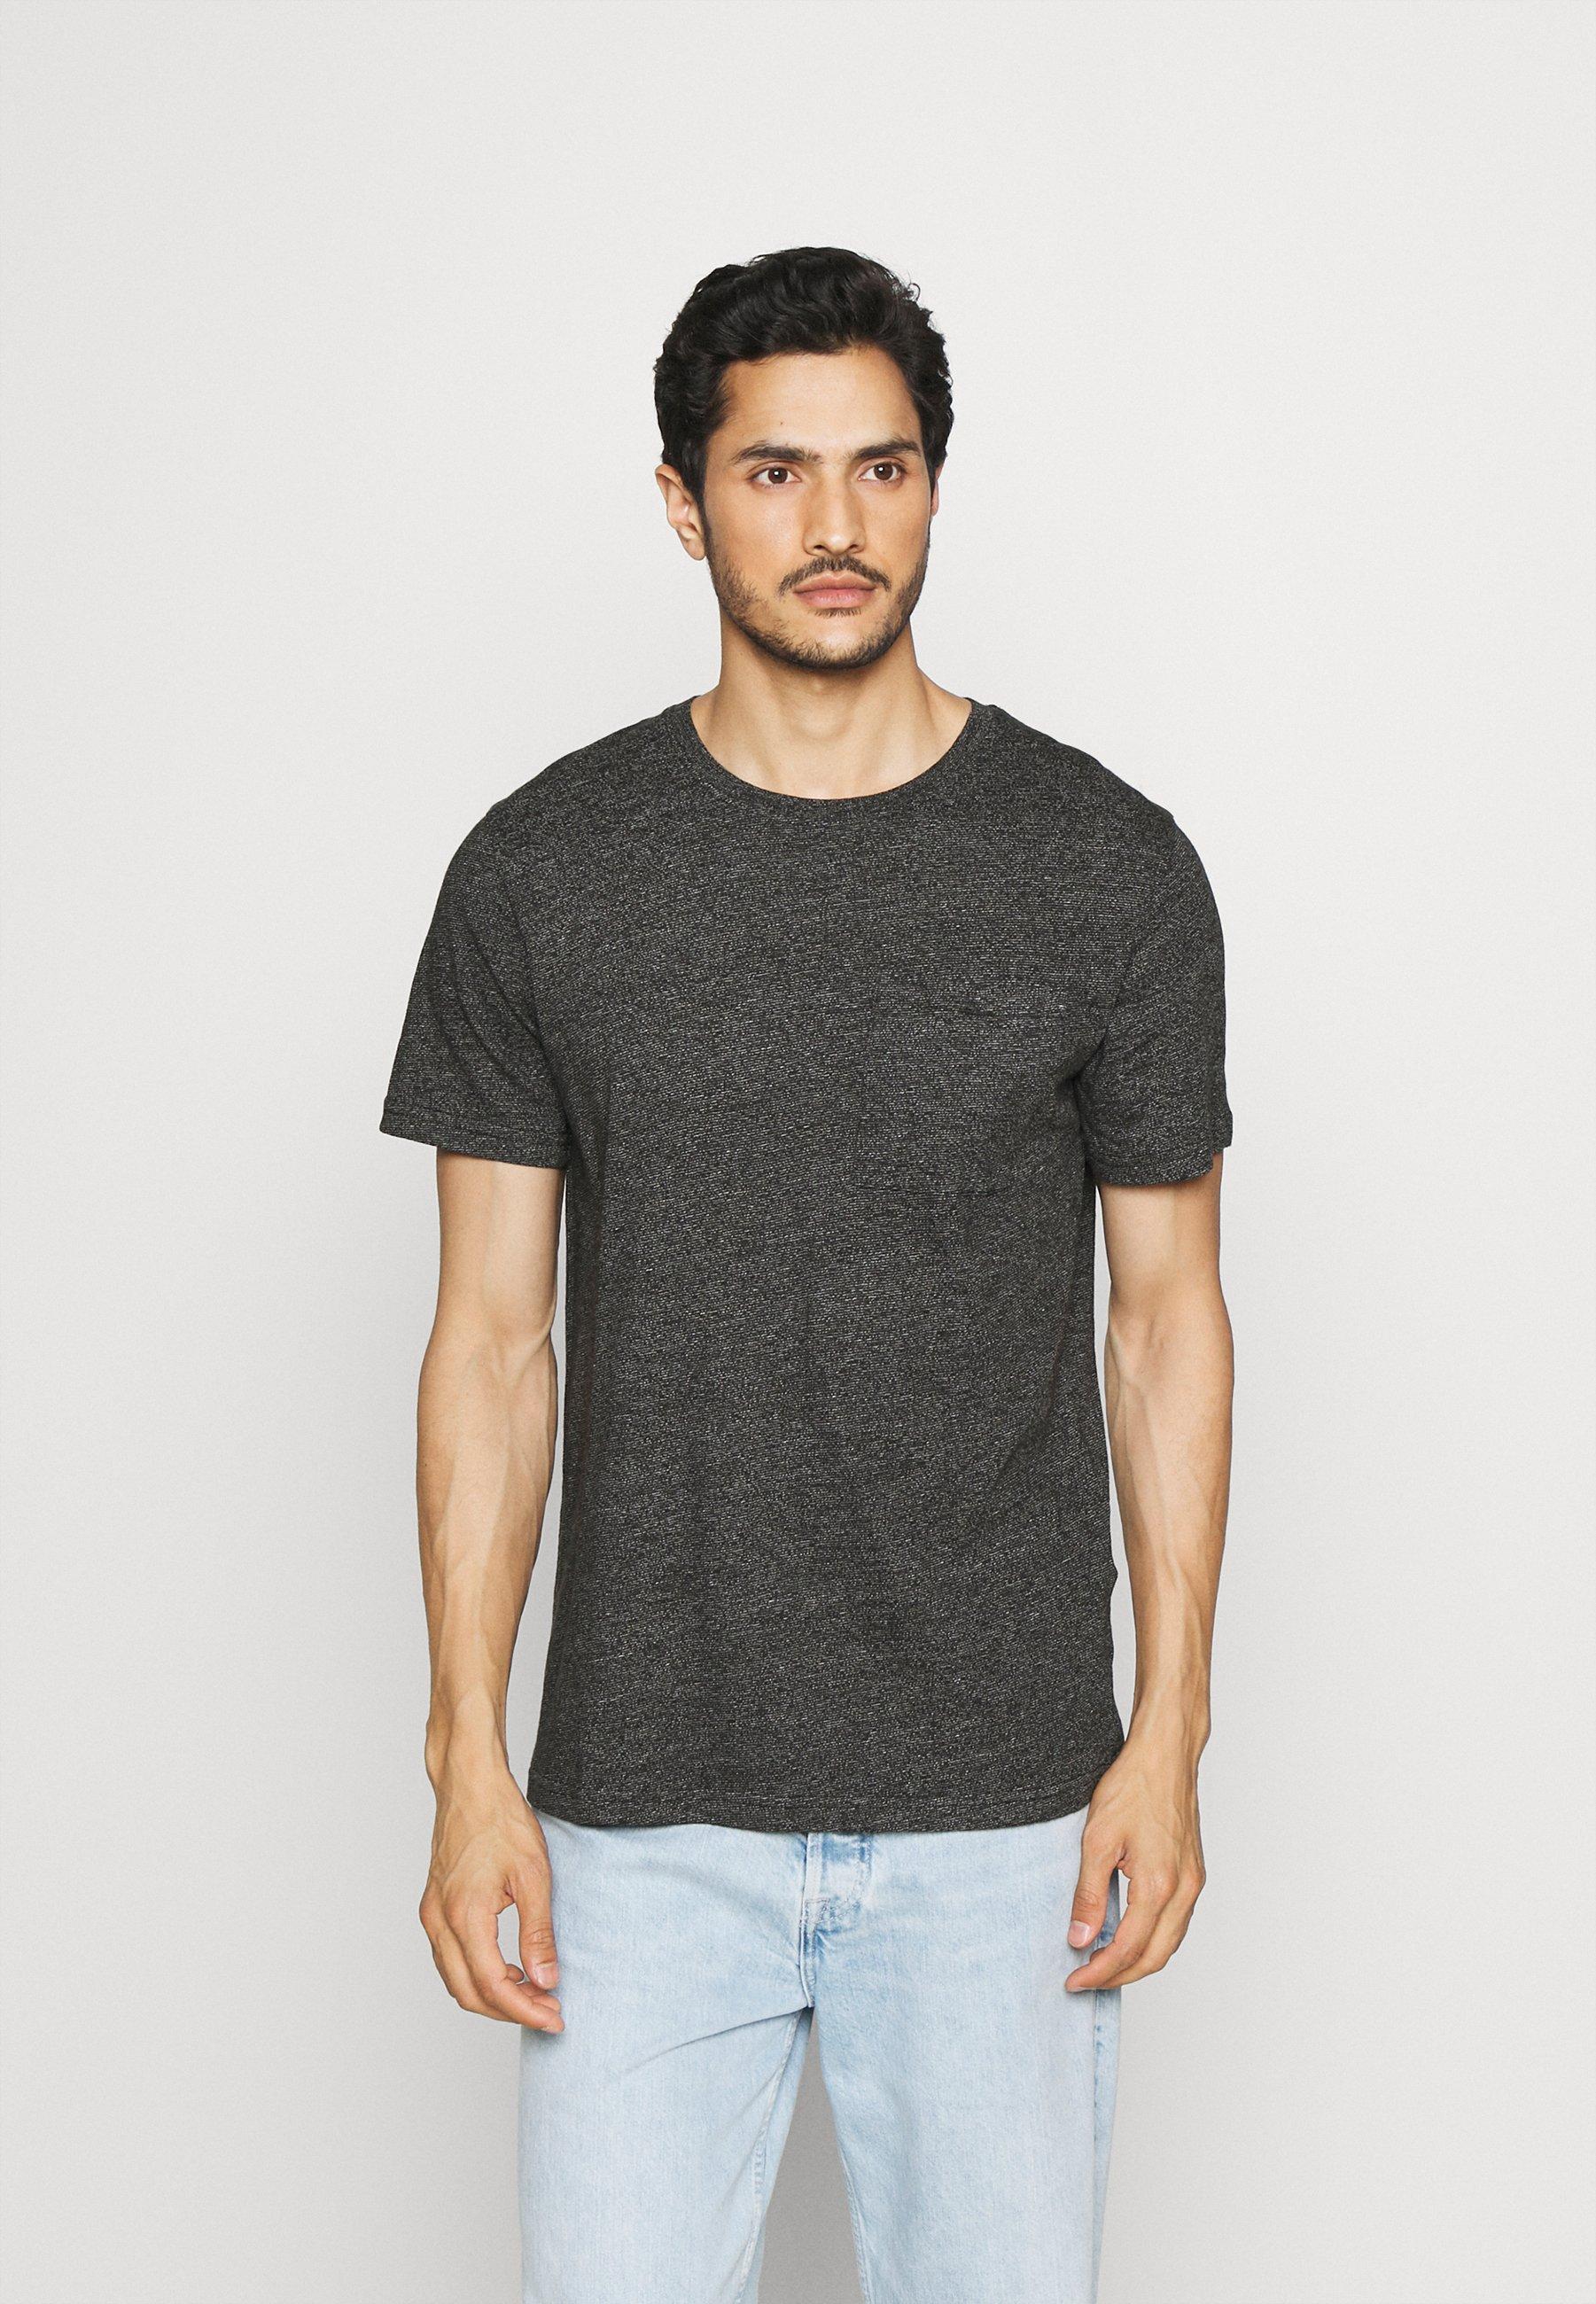 Homme SLHDECKER O NECK TEE - T-shirt basique